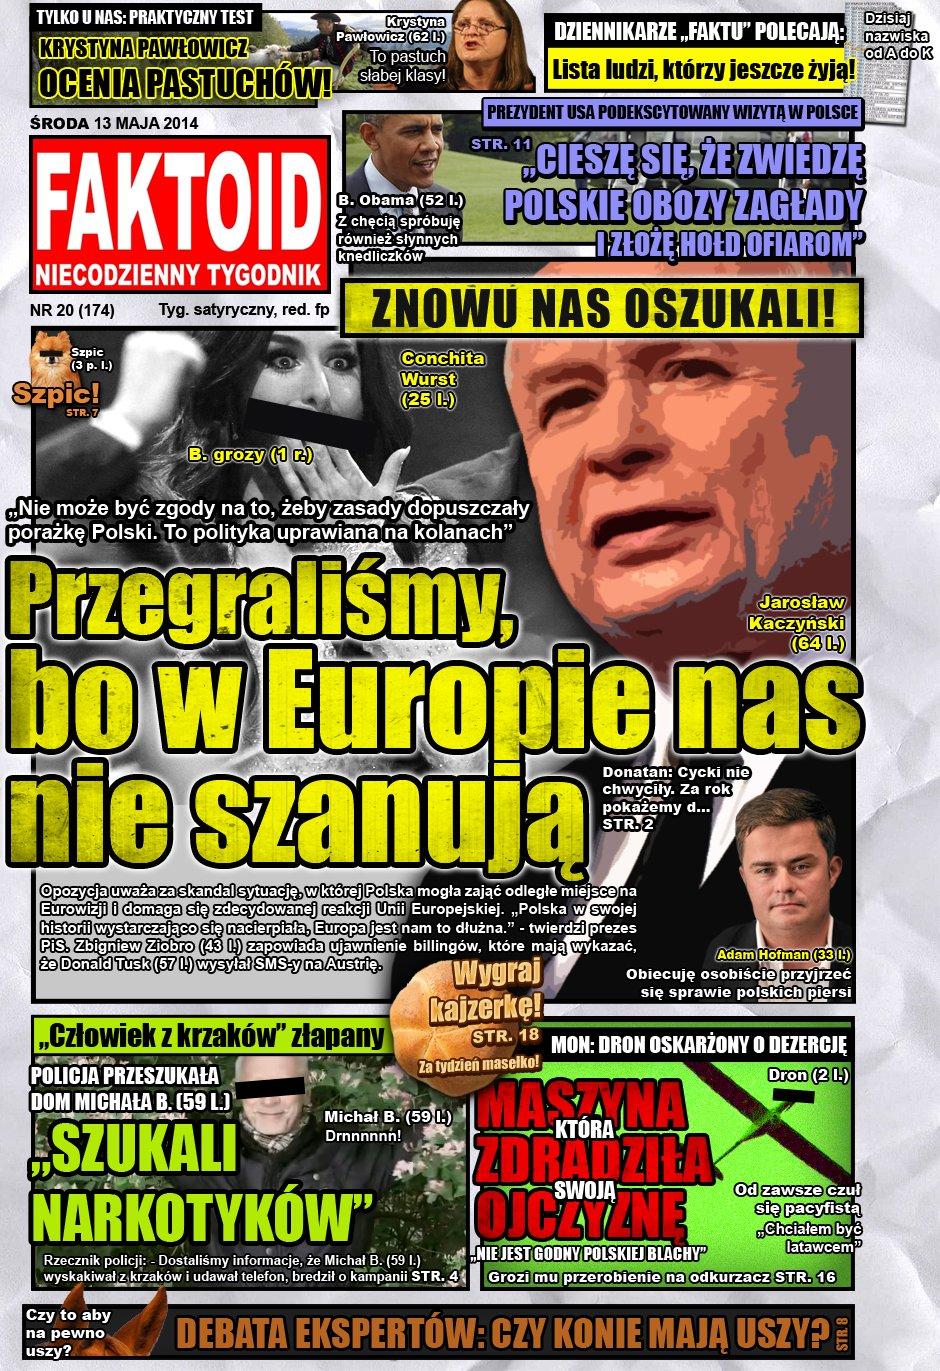 100 darmowe randki Dąbrowa Górnicza